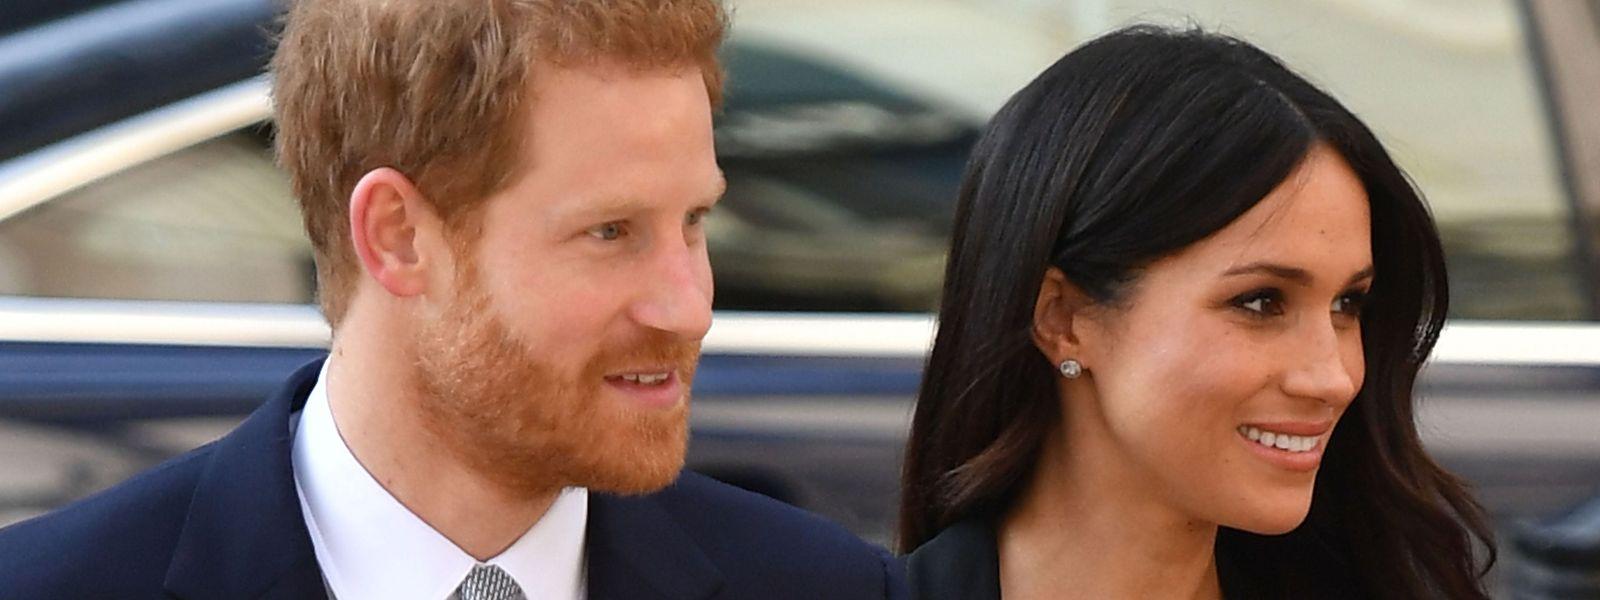 Zurzeit stellt die Hochzeit von Prinz Harry und Meghan Markle alle Probleme der englischen Krone in den Schatten. Doch die Querulanten und Lästerer verstummen nur auf Zeit.